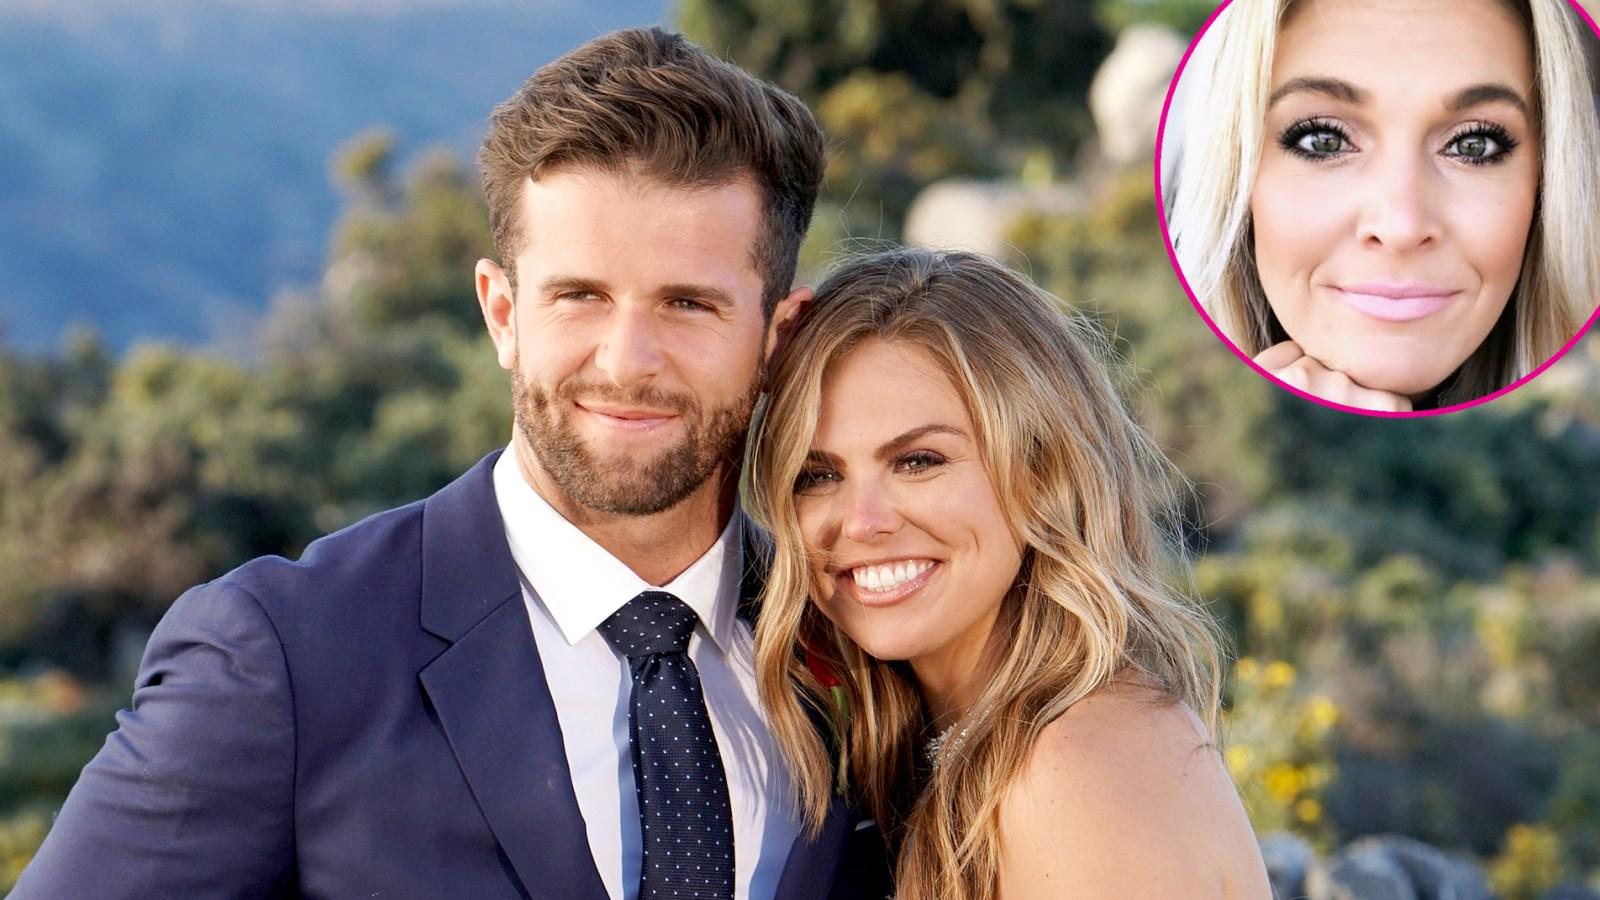 Bachelorette's Jed Wyatt's Ex Haley 'Still Heartbroken' by